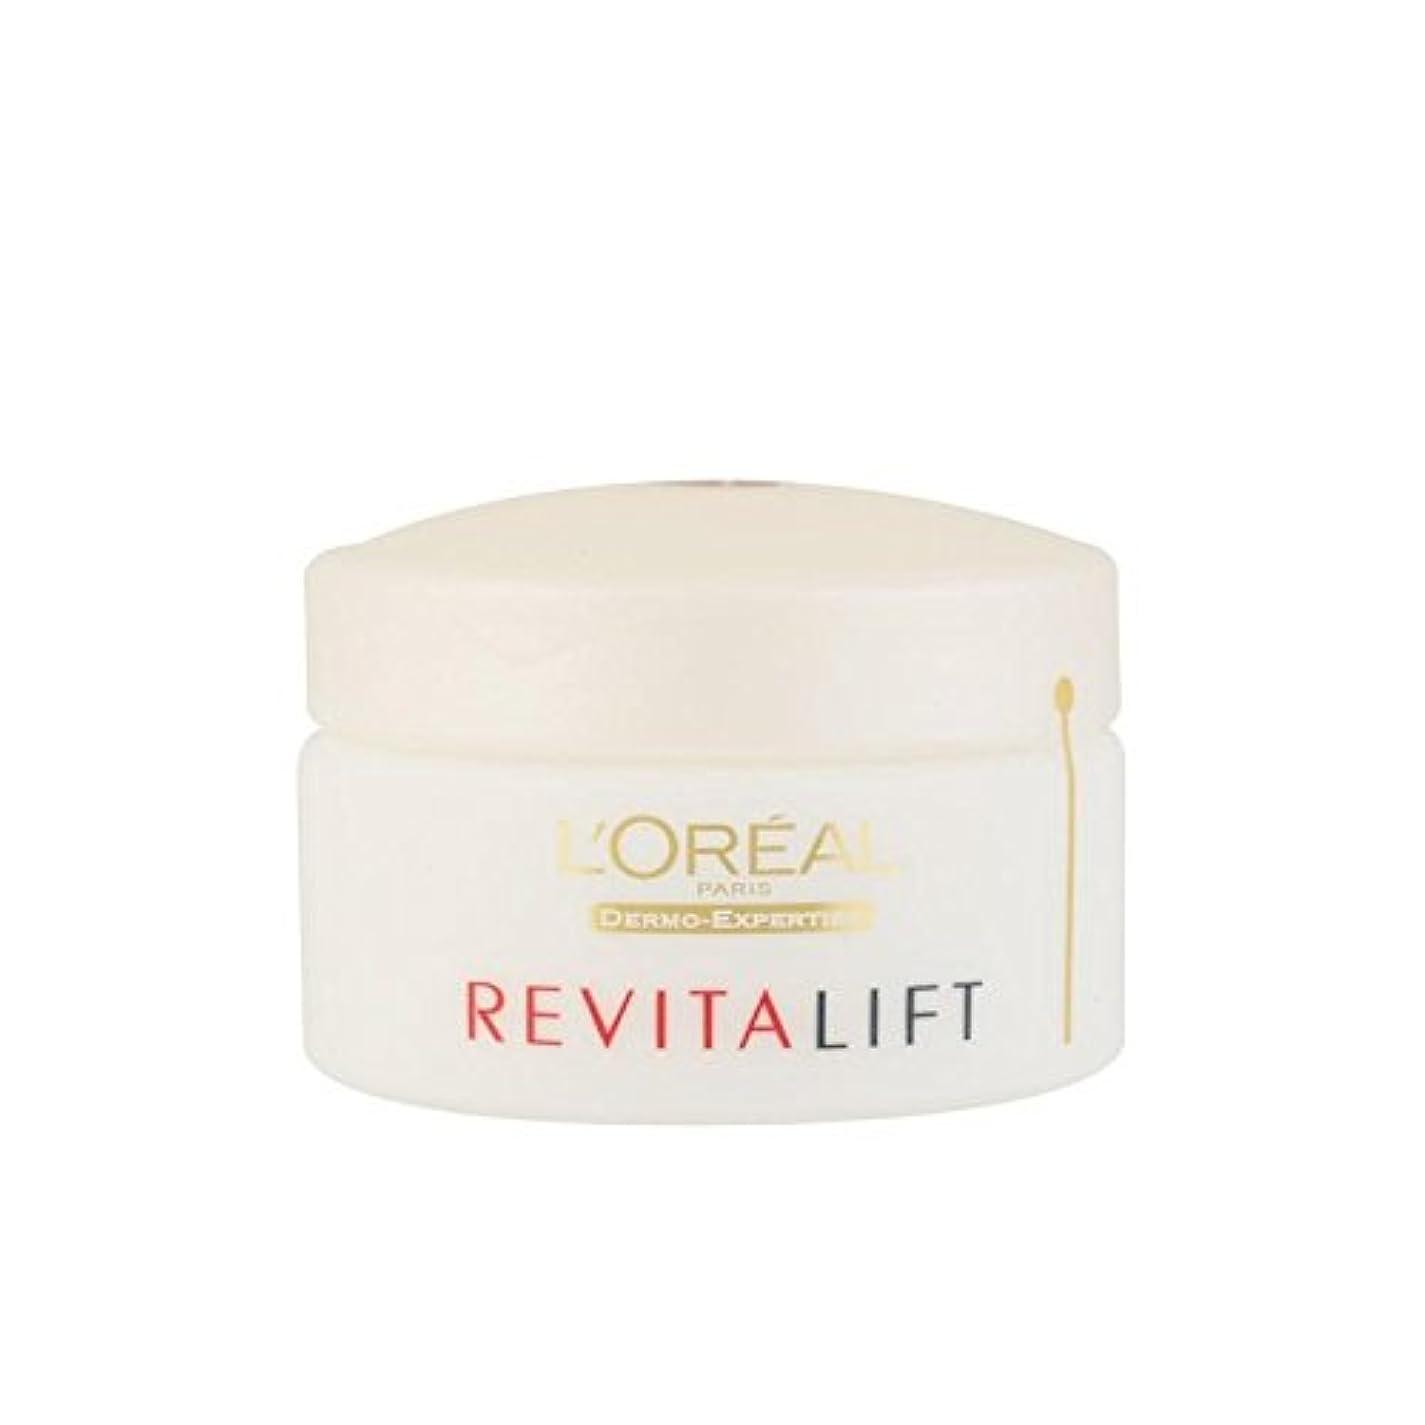 憎しみ真鍮六分儀ロレアルパリ、真皮の専門知識の抗シワ+ファーミングデイクリーム(50ミリリットル) x2 - L'Oreal Paris Dermo Expertise Revitalift Anti-Wrinkle + Firming Day Cream (50ml) (Pack of 2) [並行輸入品]